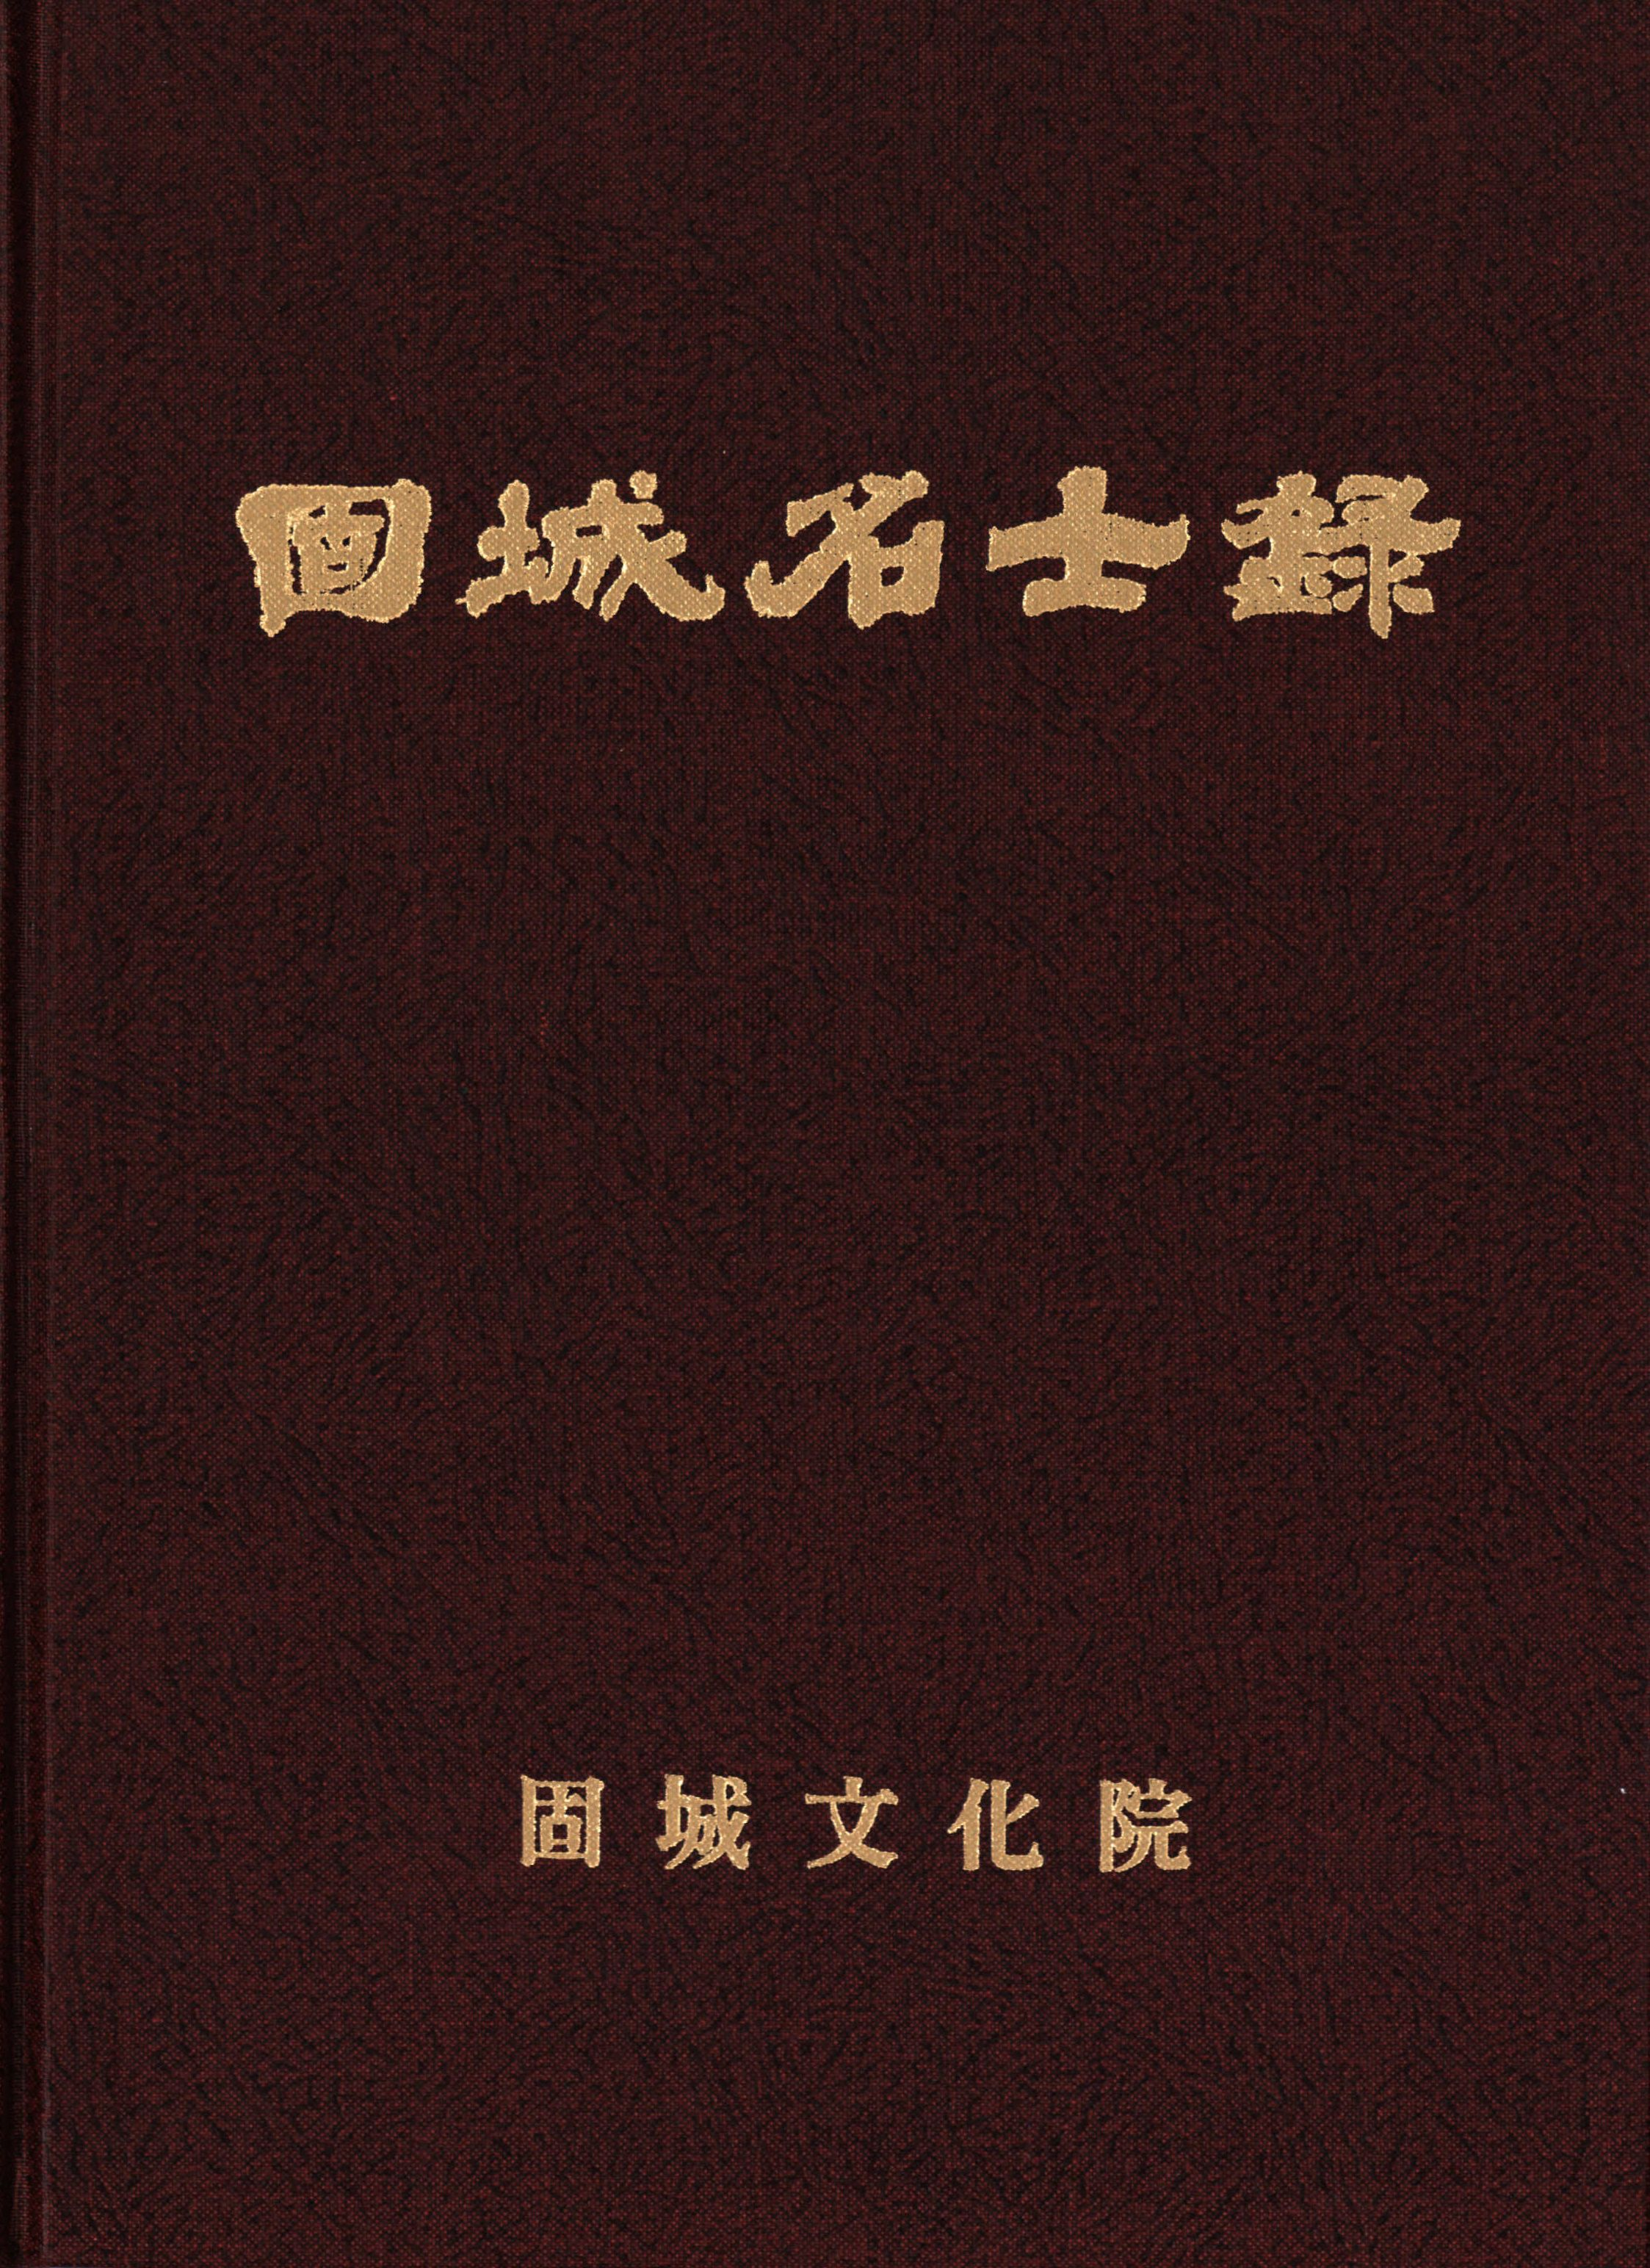 固城名士錄(고성명사록)